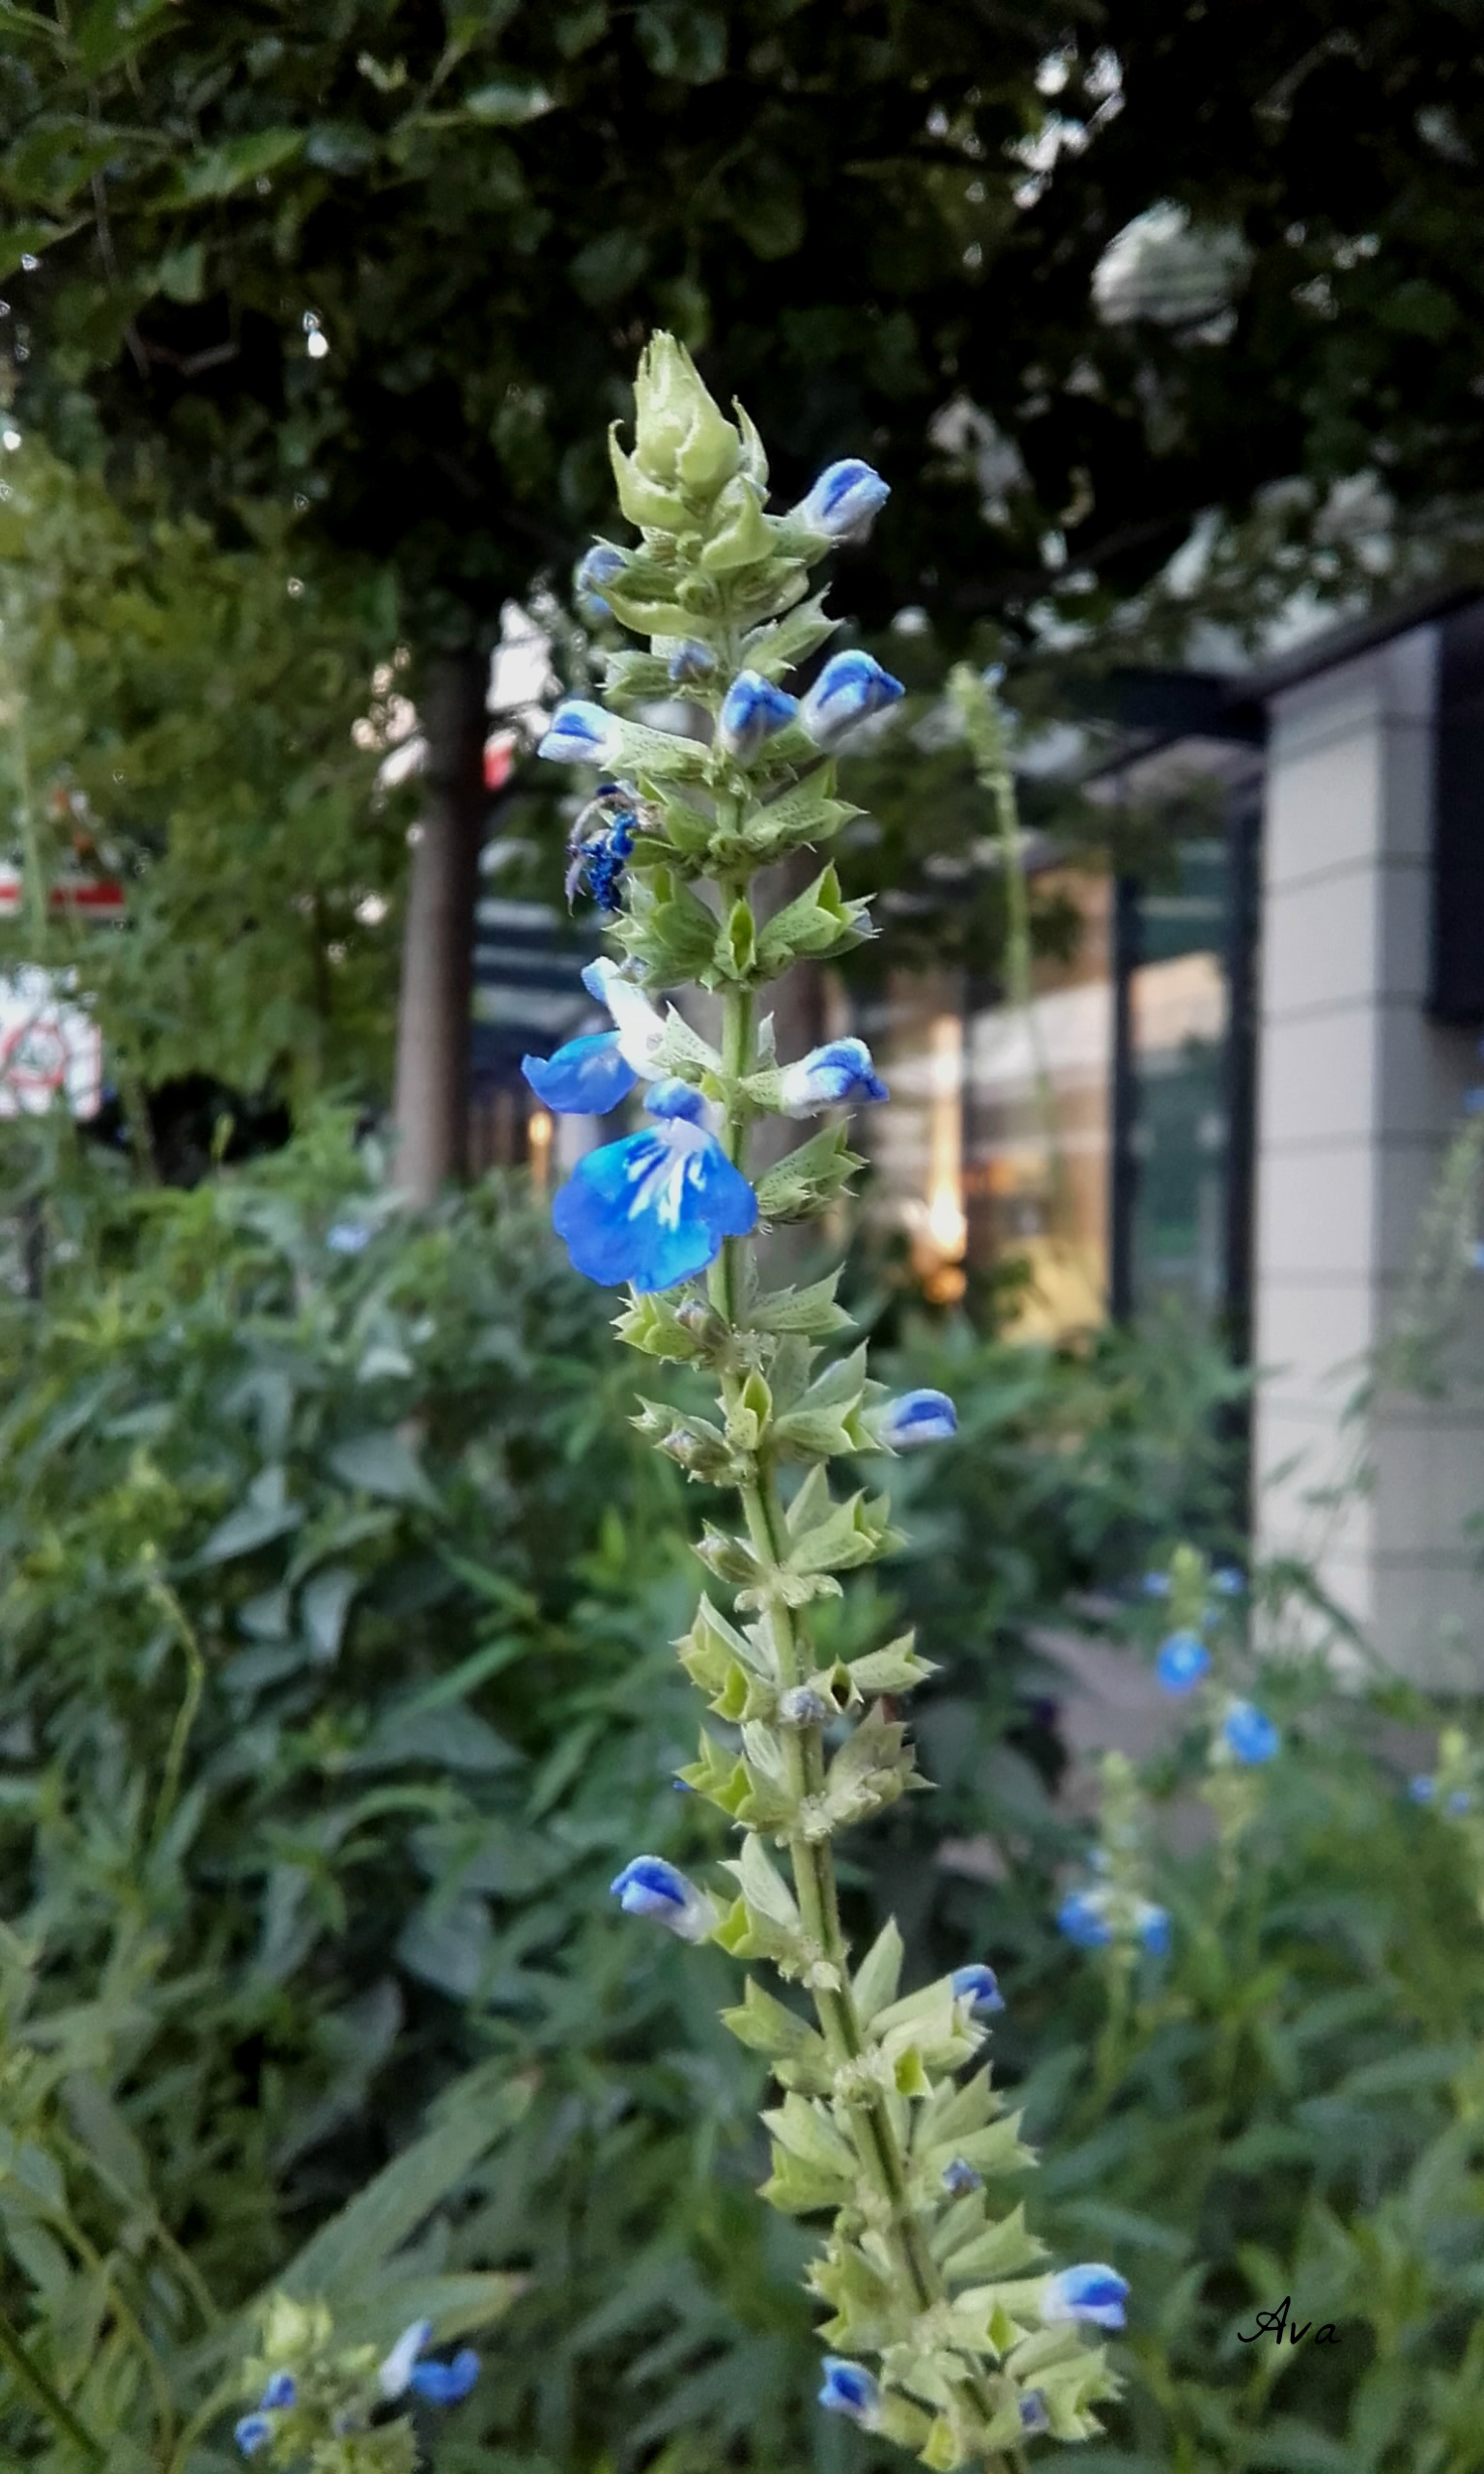 fleur-bleue-a-levallois-perret